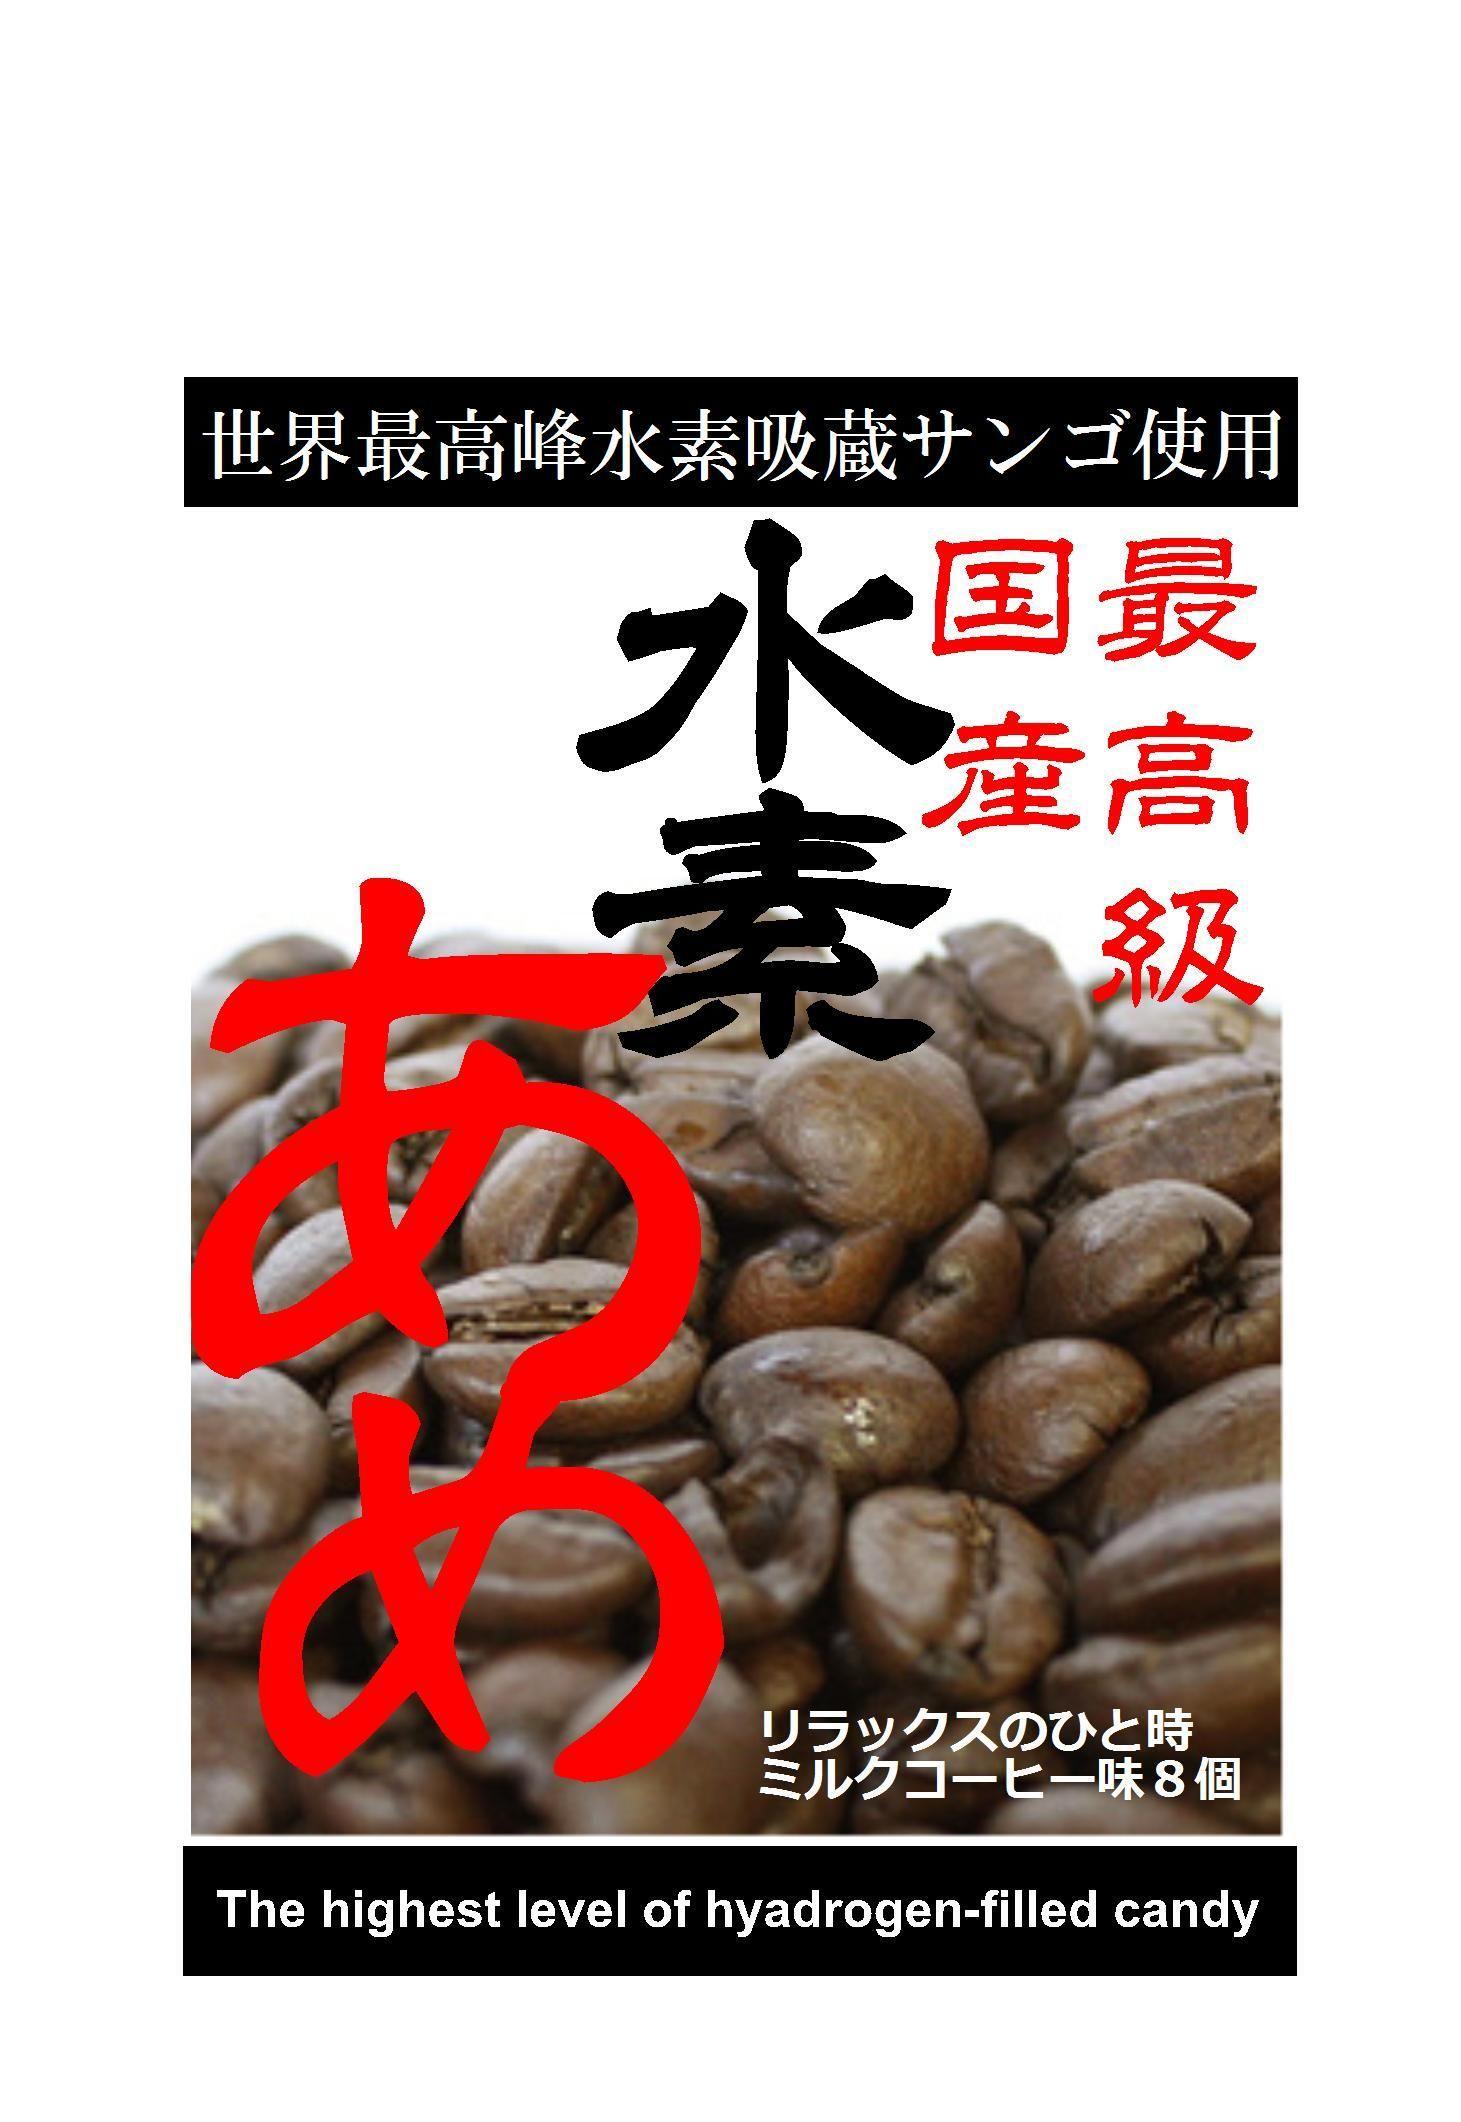 最高級水素あめミルクコーヒー味8個入